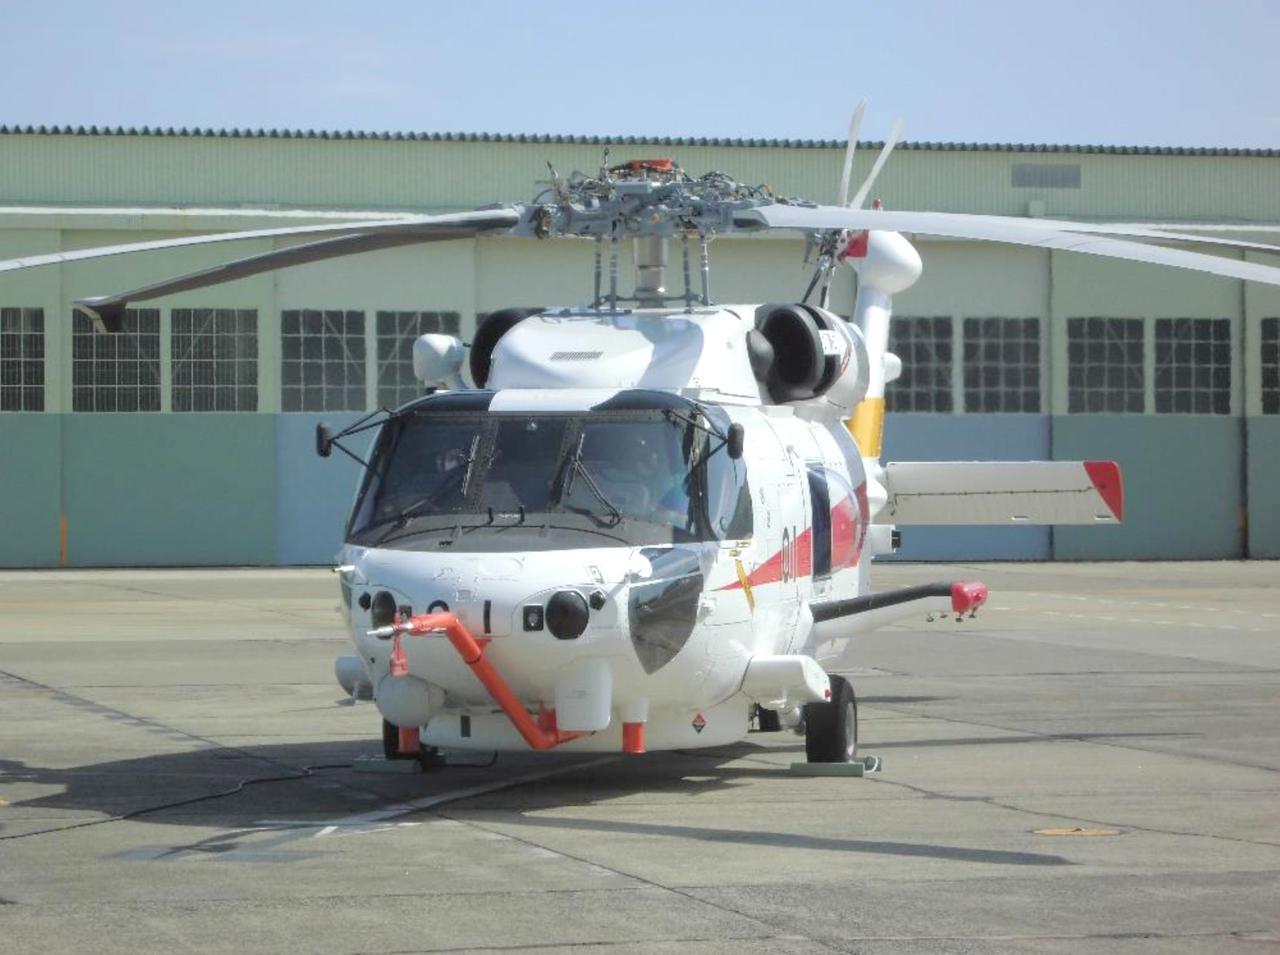 画像: 回転翼哨戒機(能力向上型) 防衛省発表資料より